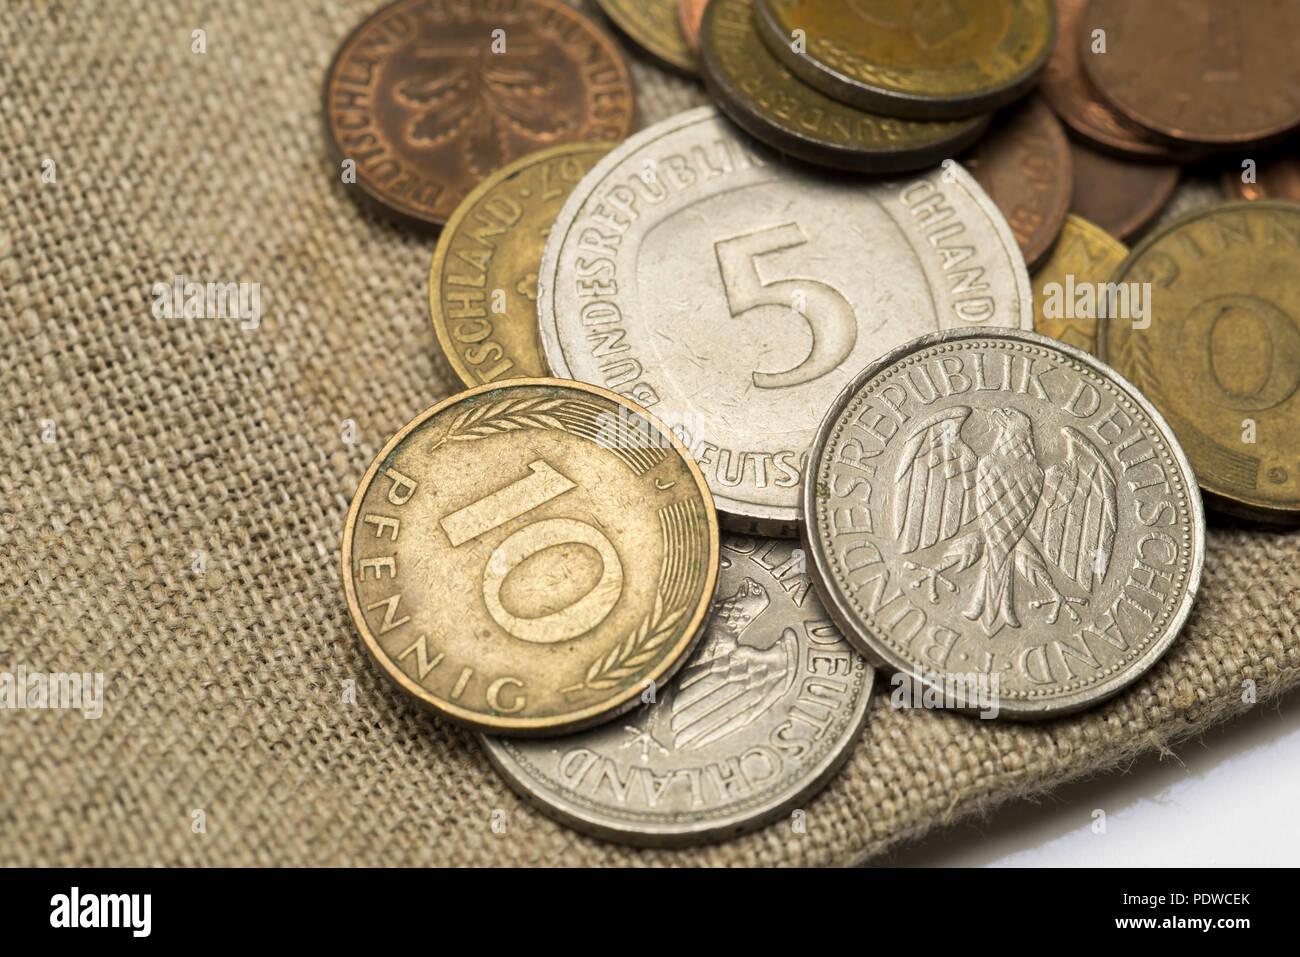 Old German Currency - Deutsche Mark und Pfennige - Stock Image